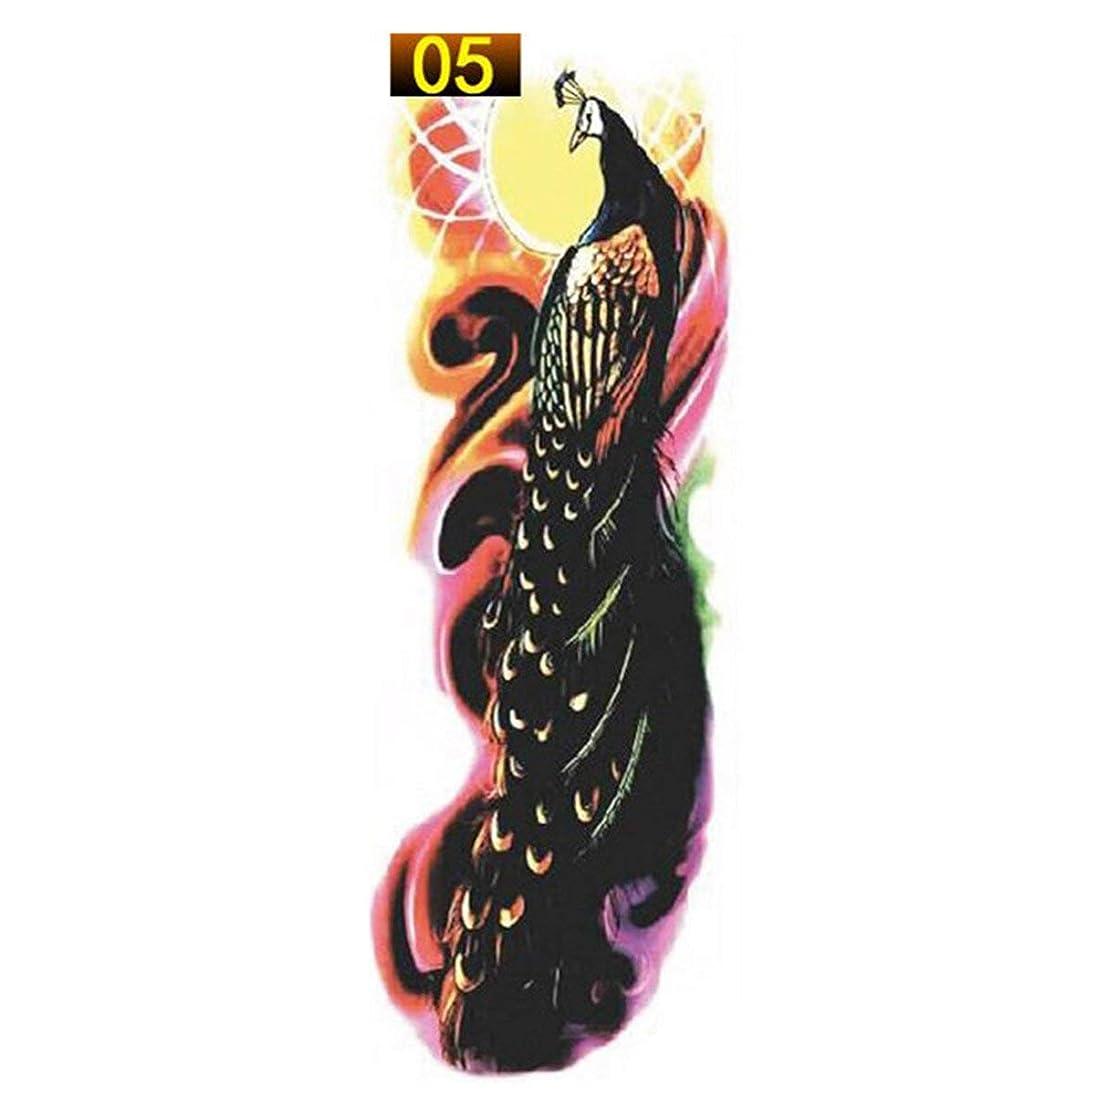 バーグレートオークラビリンス8ロールスロイス50メートル竹炭デンタルフロッサークリーニングミント味つまようじフロッサーデンタルクリーニング歯フロススティックブラック - ブラック - ブラック